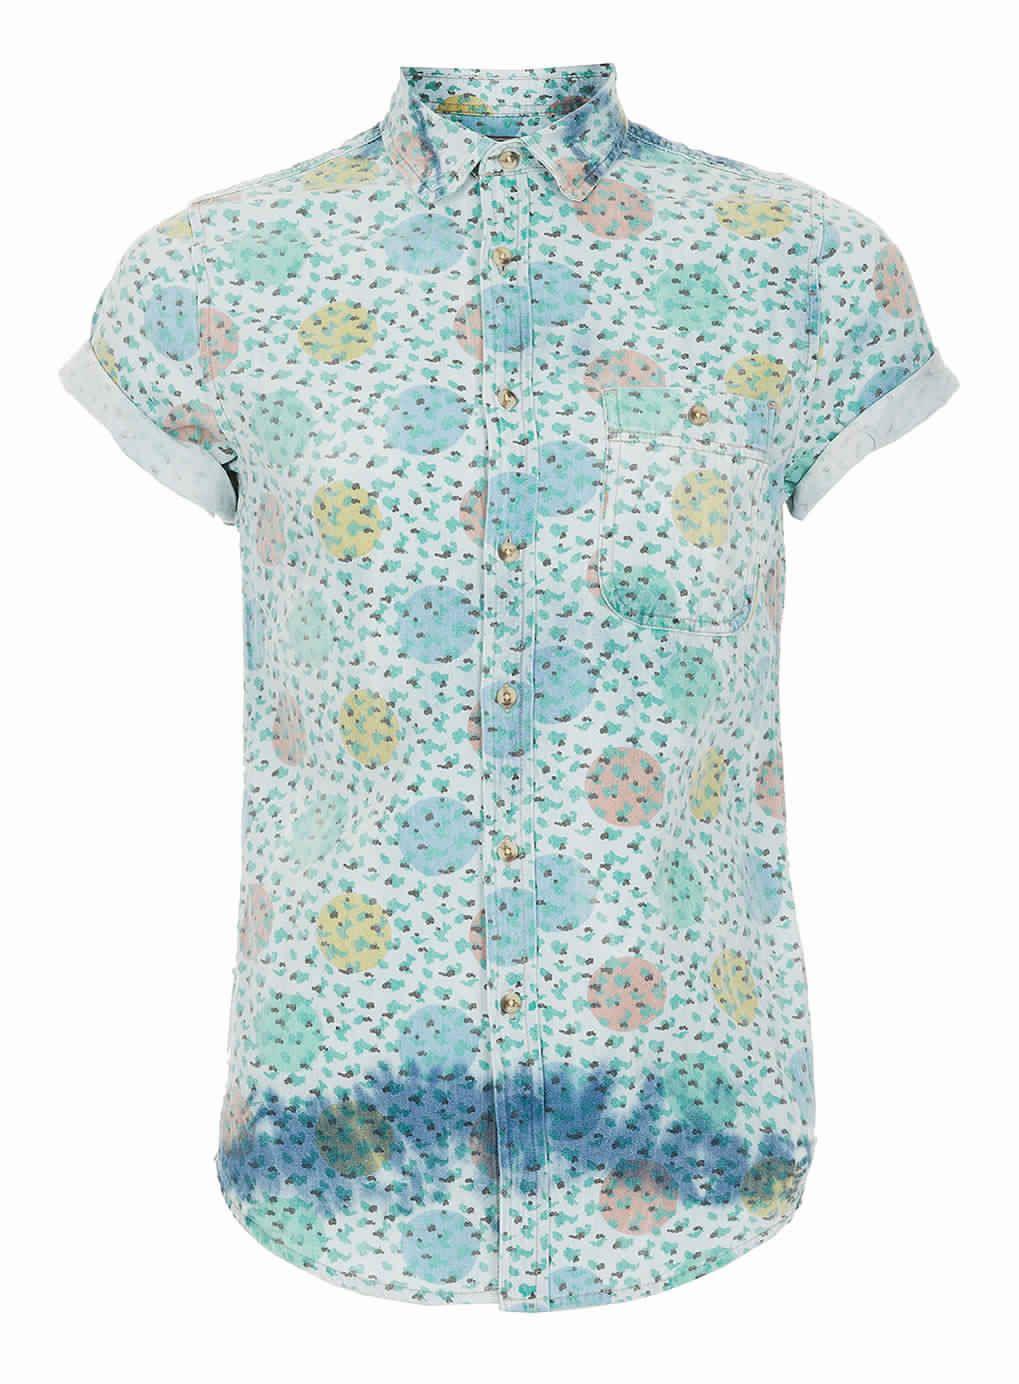 Topman short sleeve shirt.